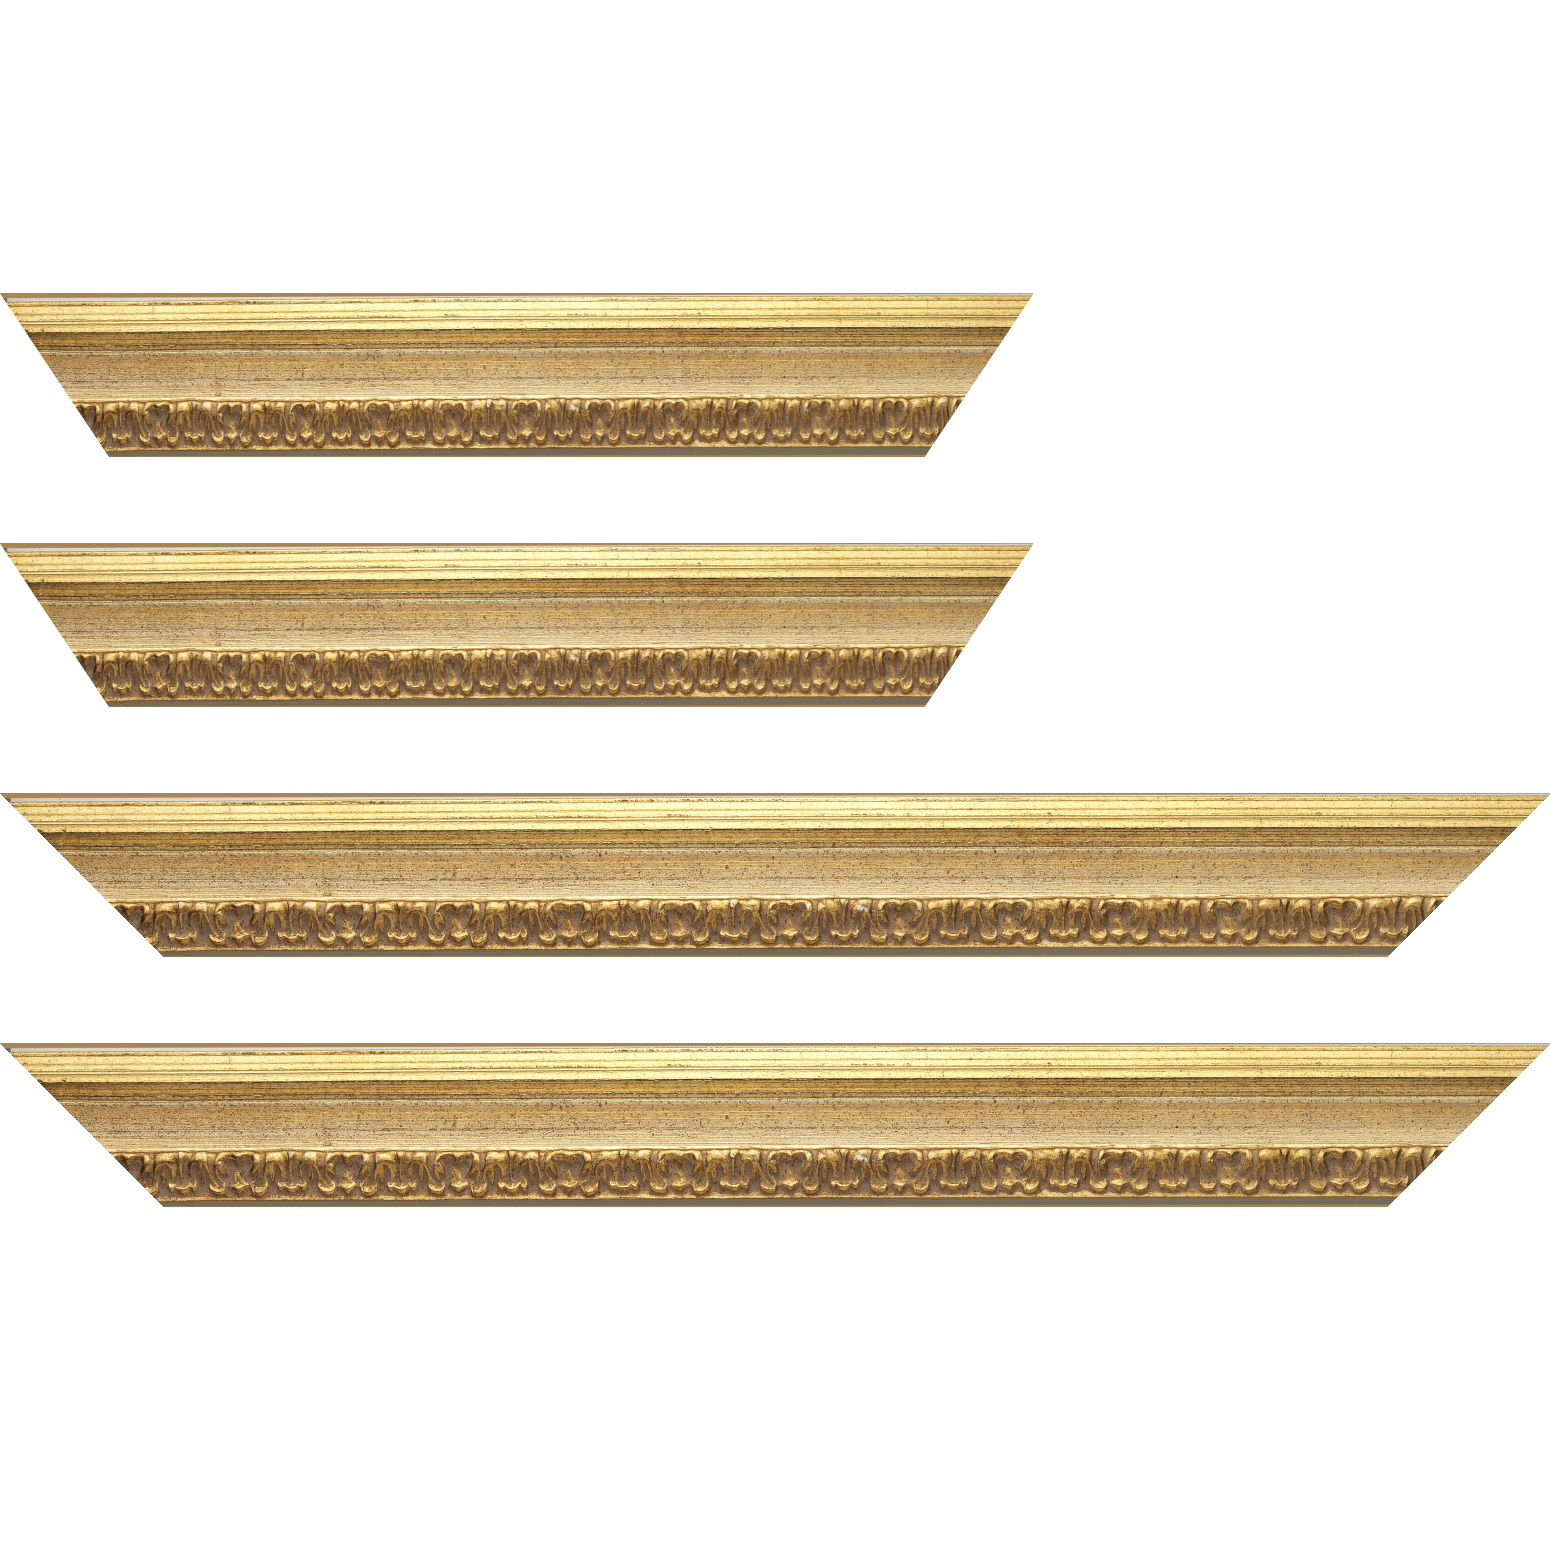 Baguette service précoupé bois profil incurvé largeur 5.1cm couleur or patiné à la feuille gorge crème fond or nez ornement